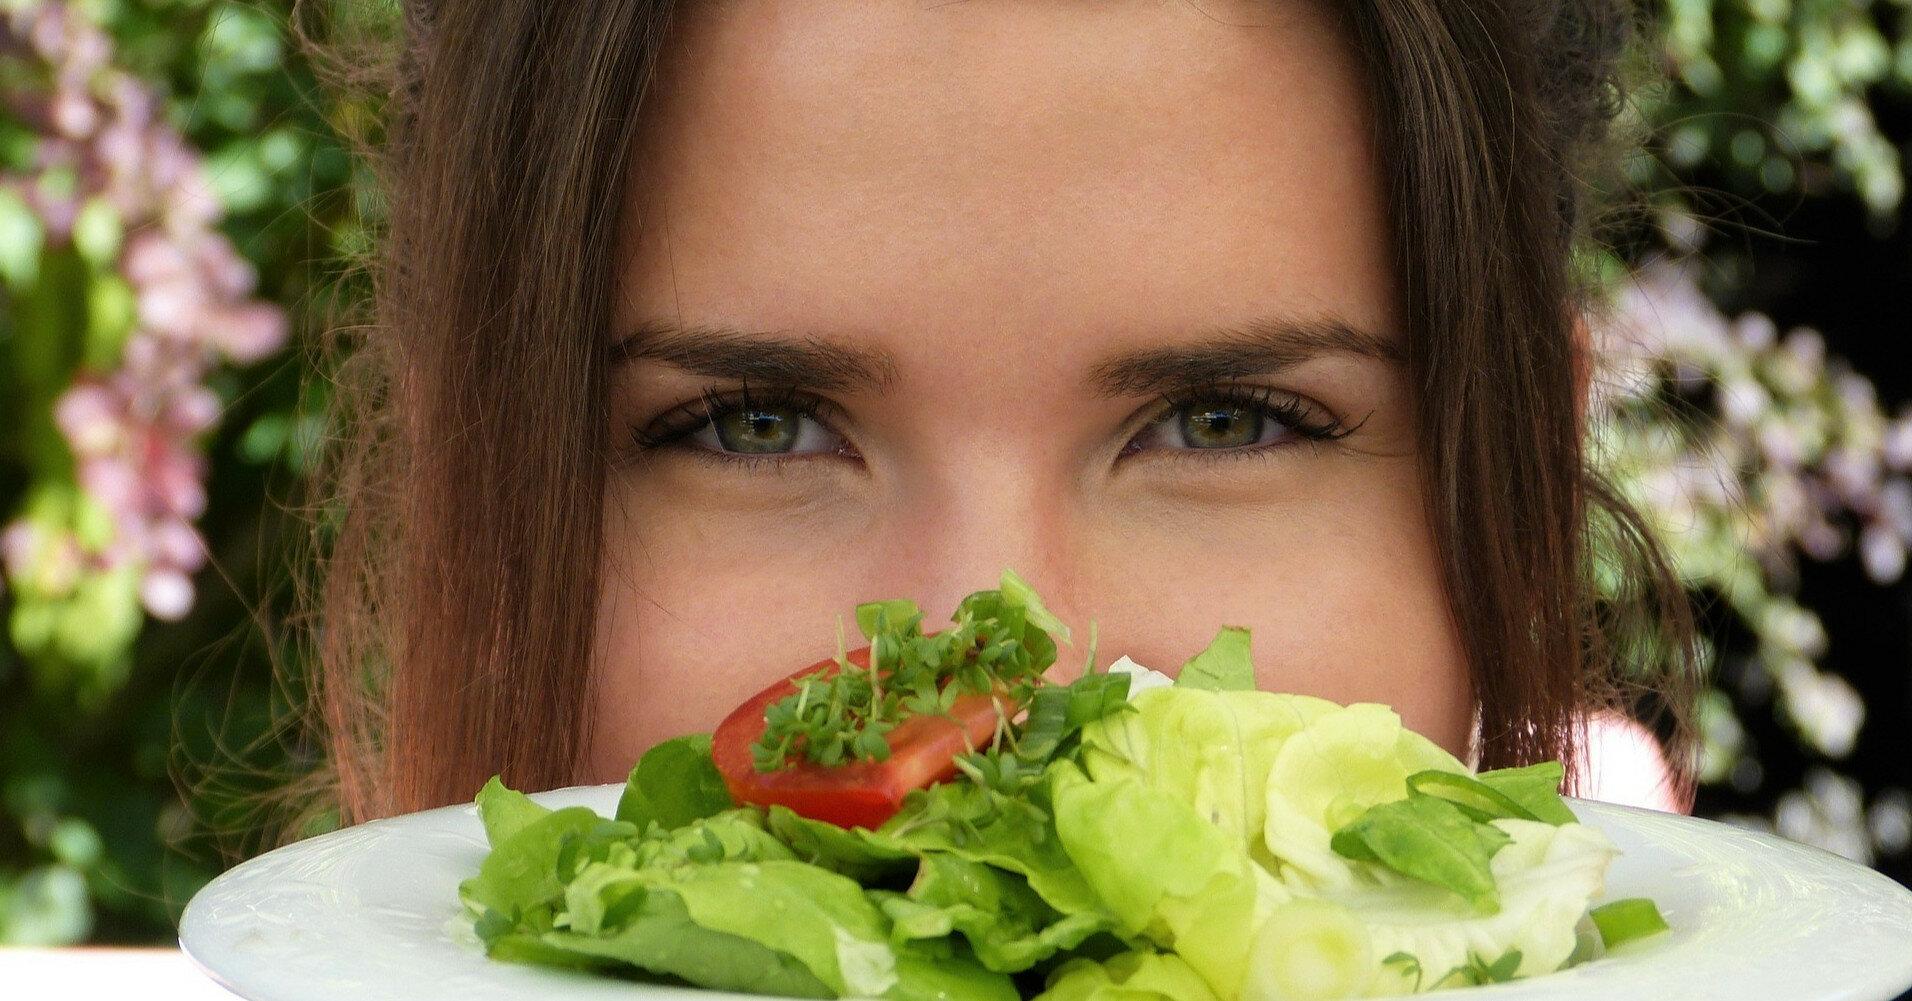 Больше зелени, меньше фруктов: как питаться при отеках